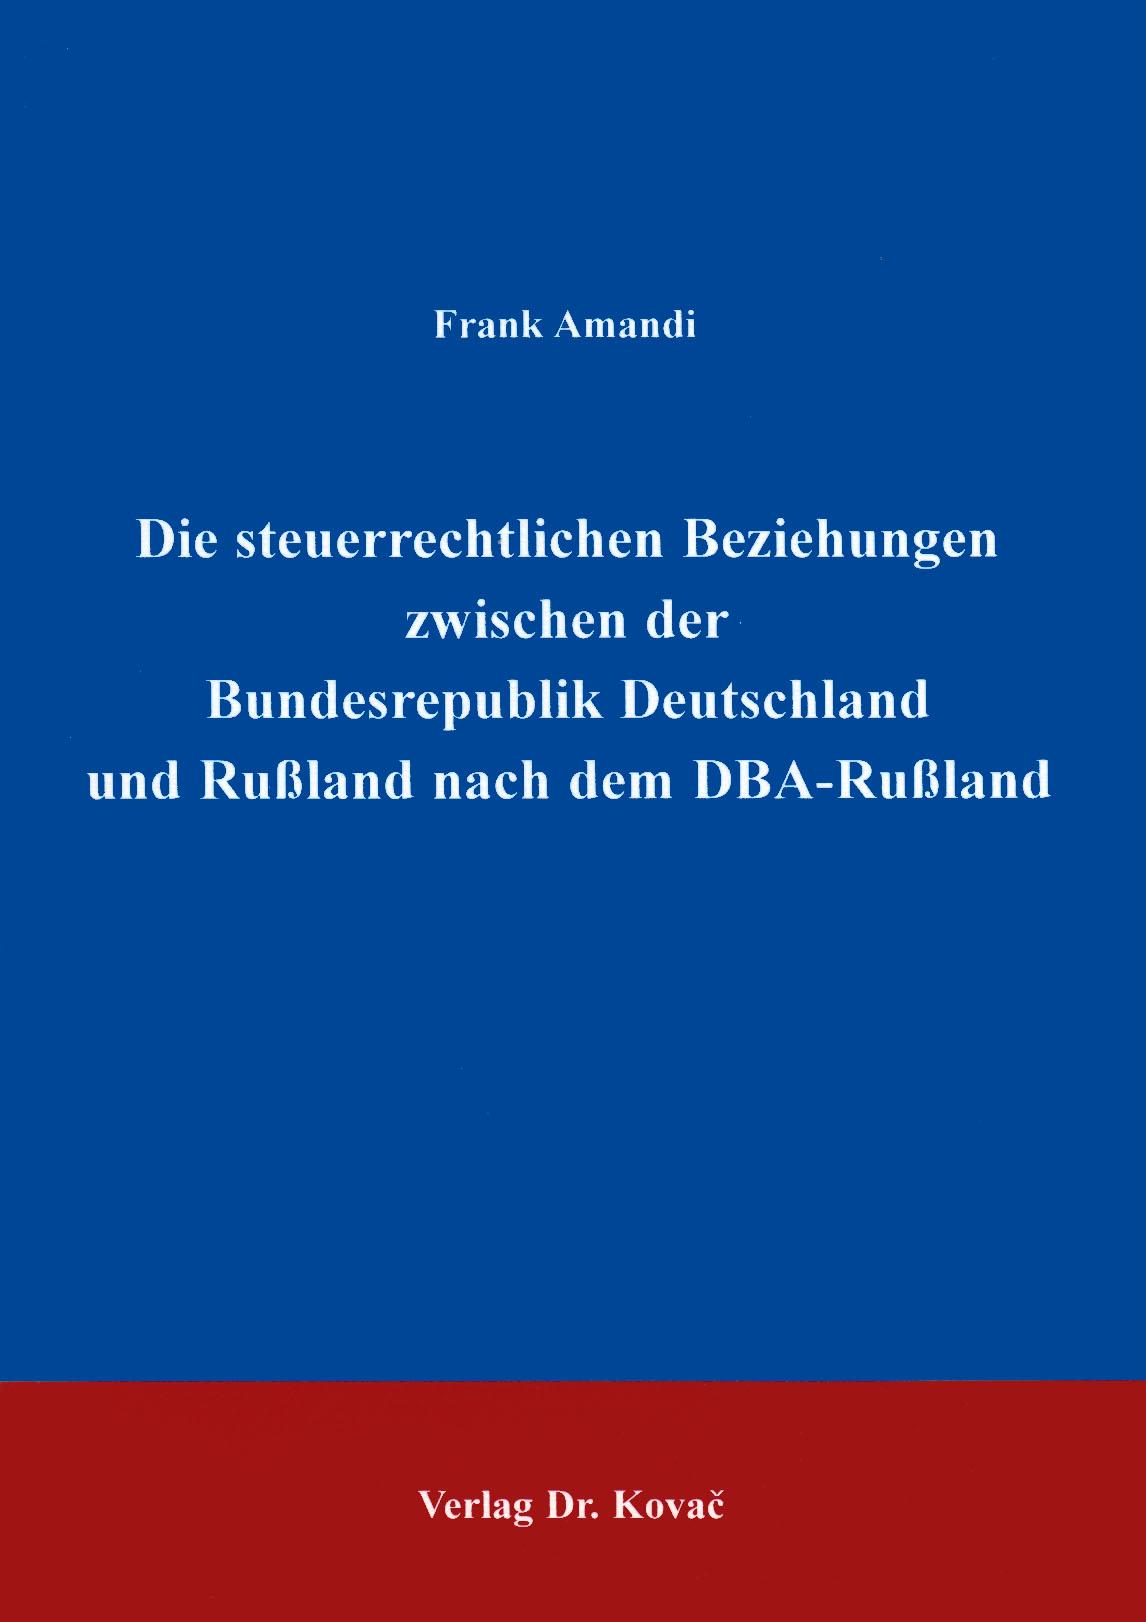 Cover: Die steuerrechtlichen Beziehungen zwischen der Bundesrepublik Deutschland und Rußland nach dem DBA-Rußland